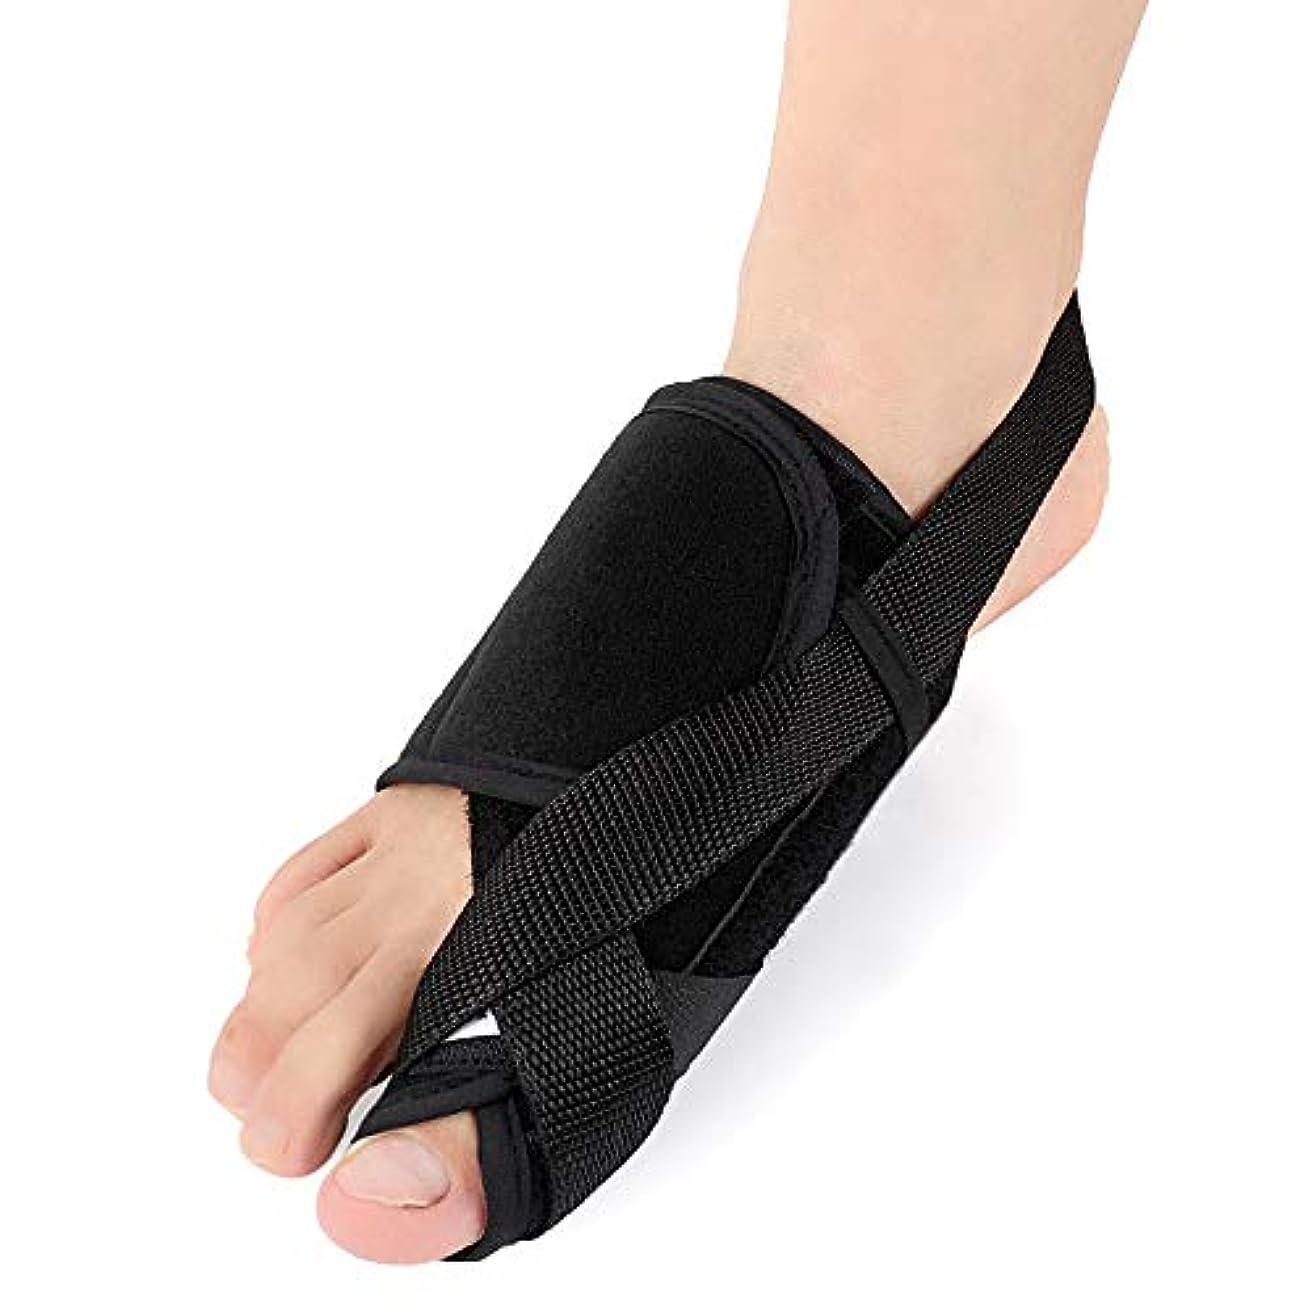 薄めるウィスキー指外反母趾足指セパレーターは足指重複嚢胞通気性吸収汗を防ぎヨガ後の痛みと変形を軽減,S